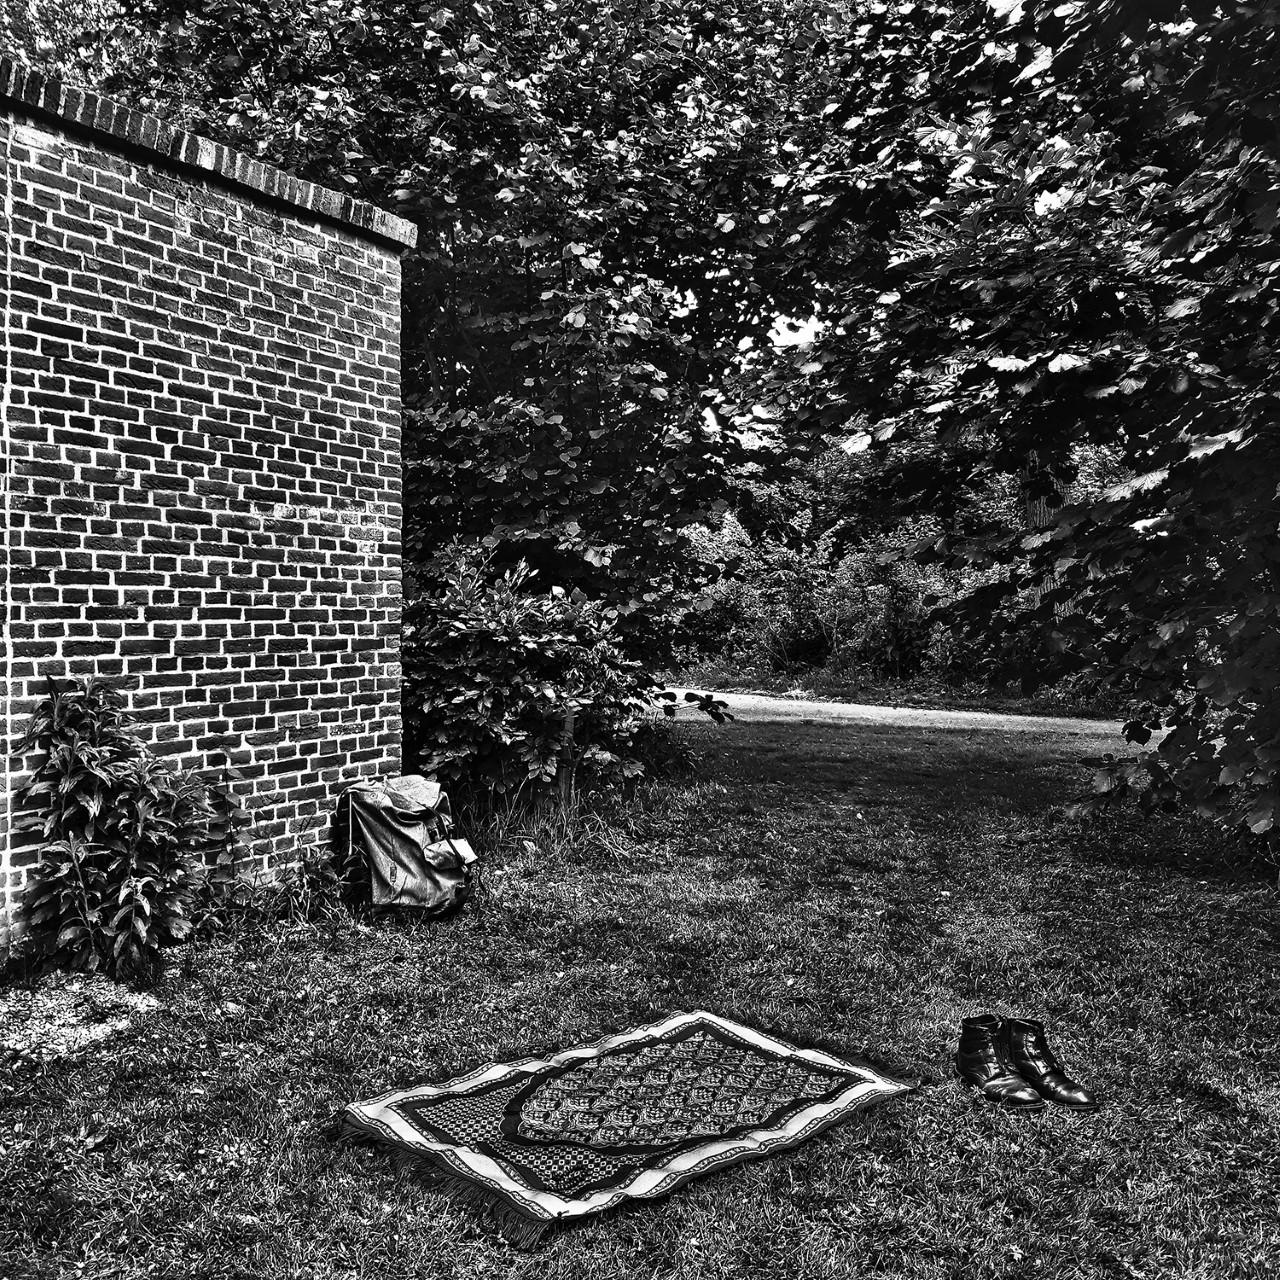 11 June 2020, Cromvliet estate, Rijswijk, Netherlands